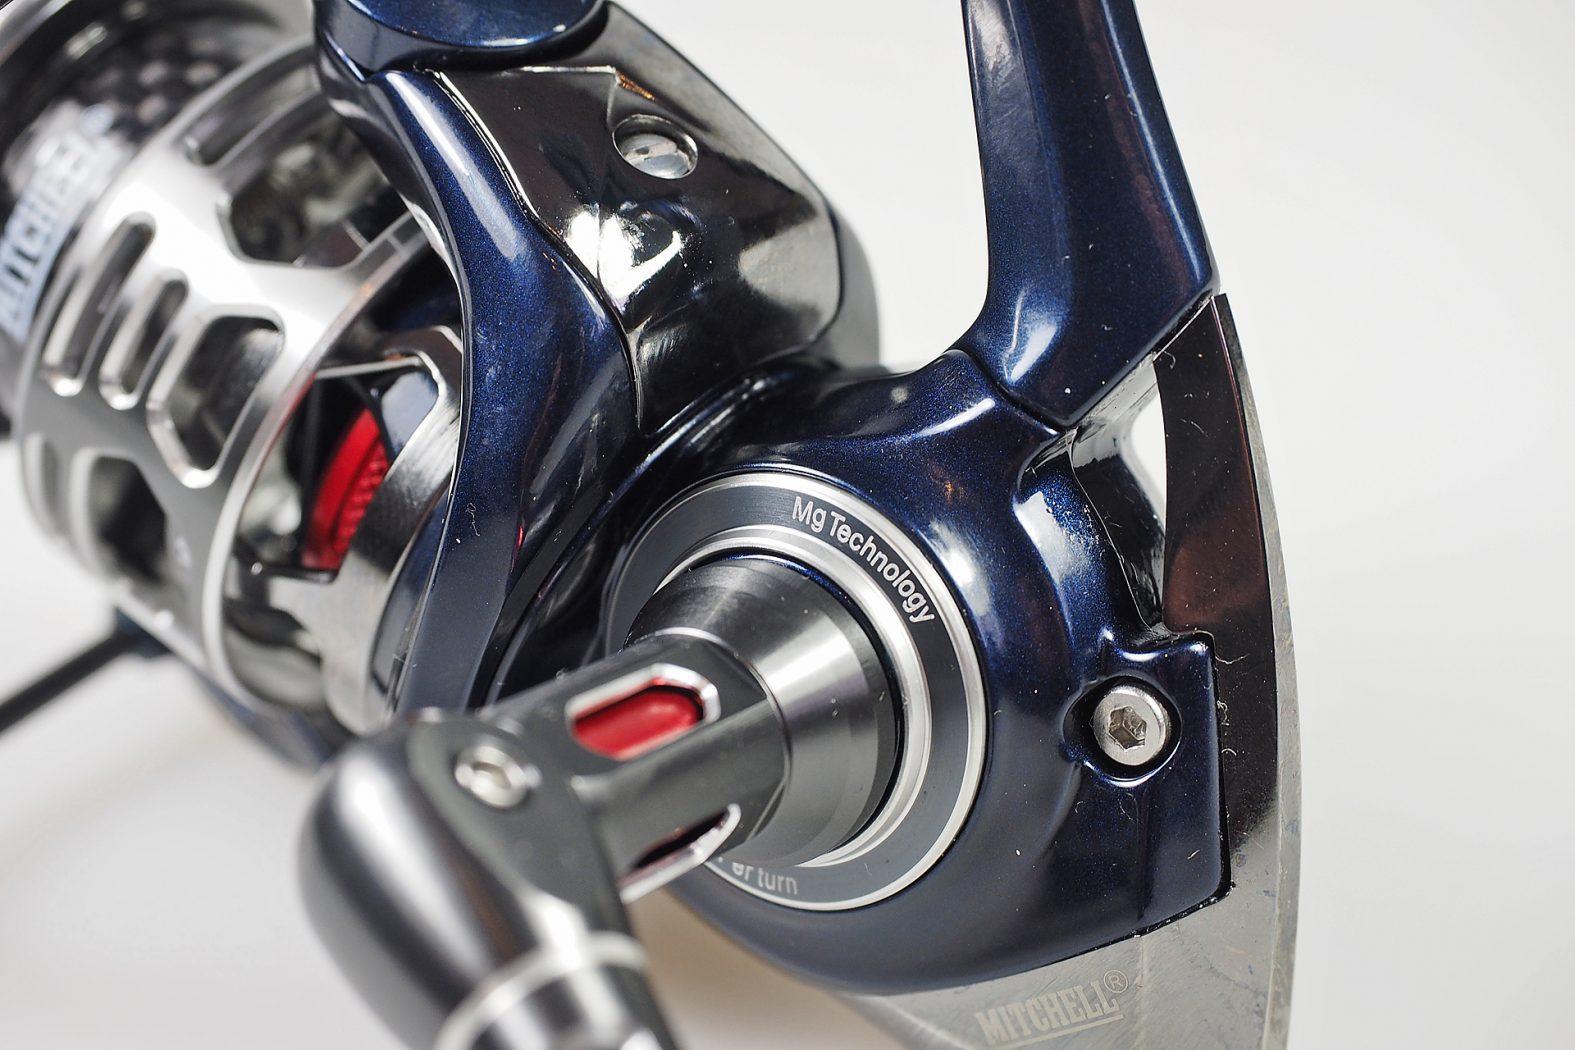 Stationärrolle zum Spinnfischen: die Mitchell MX9 25FD